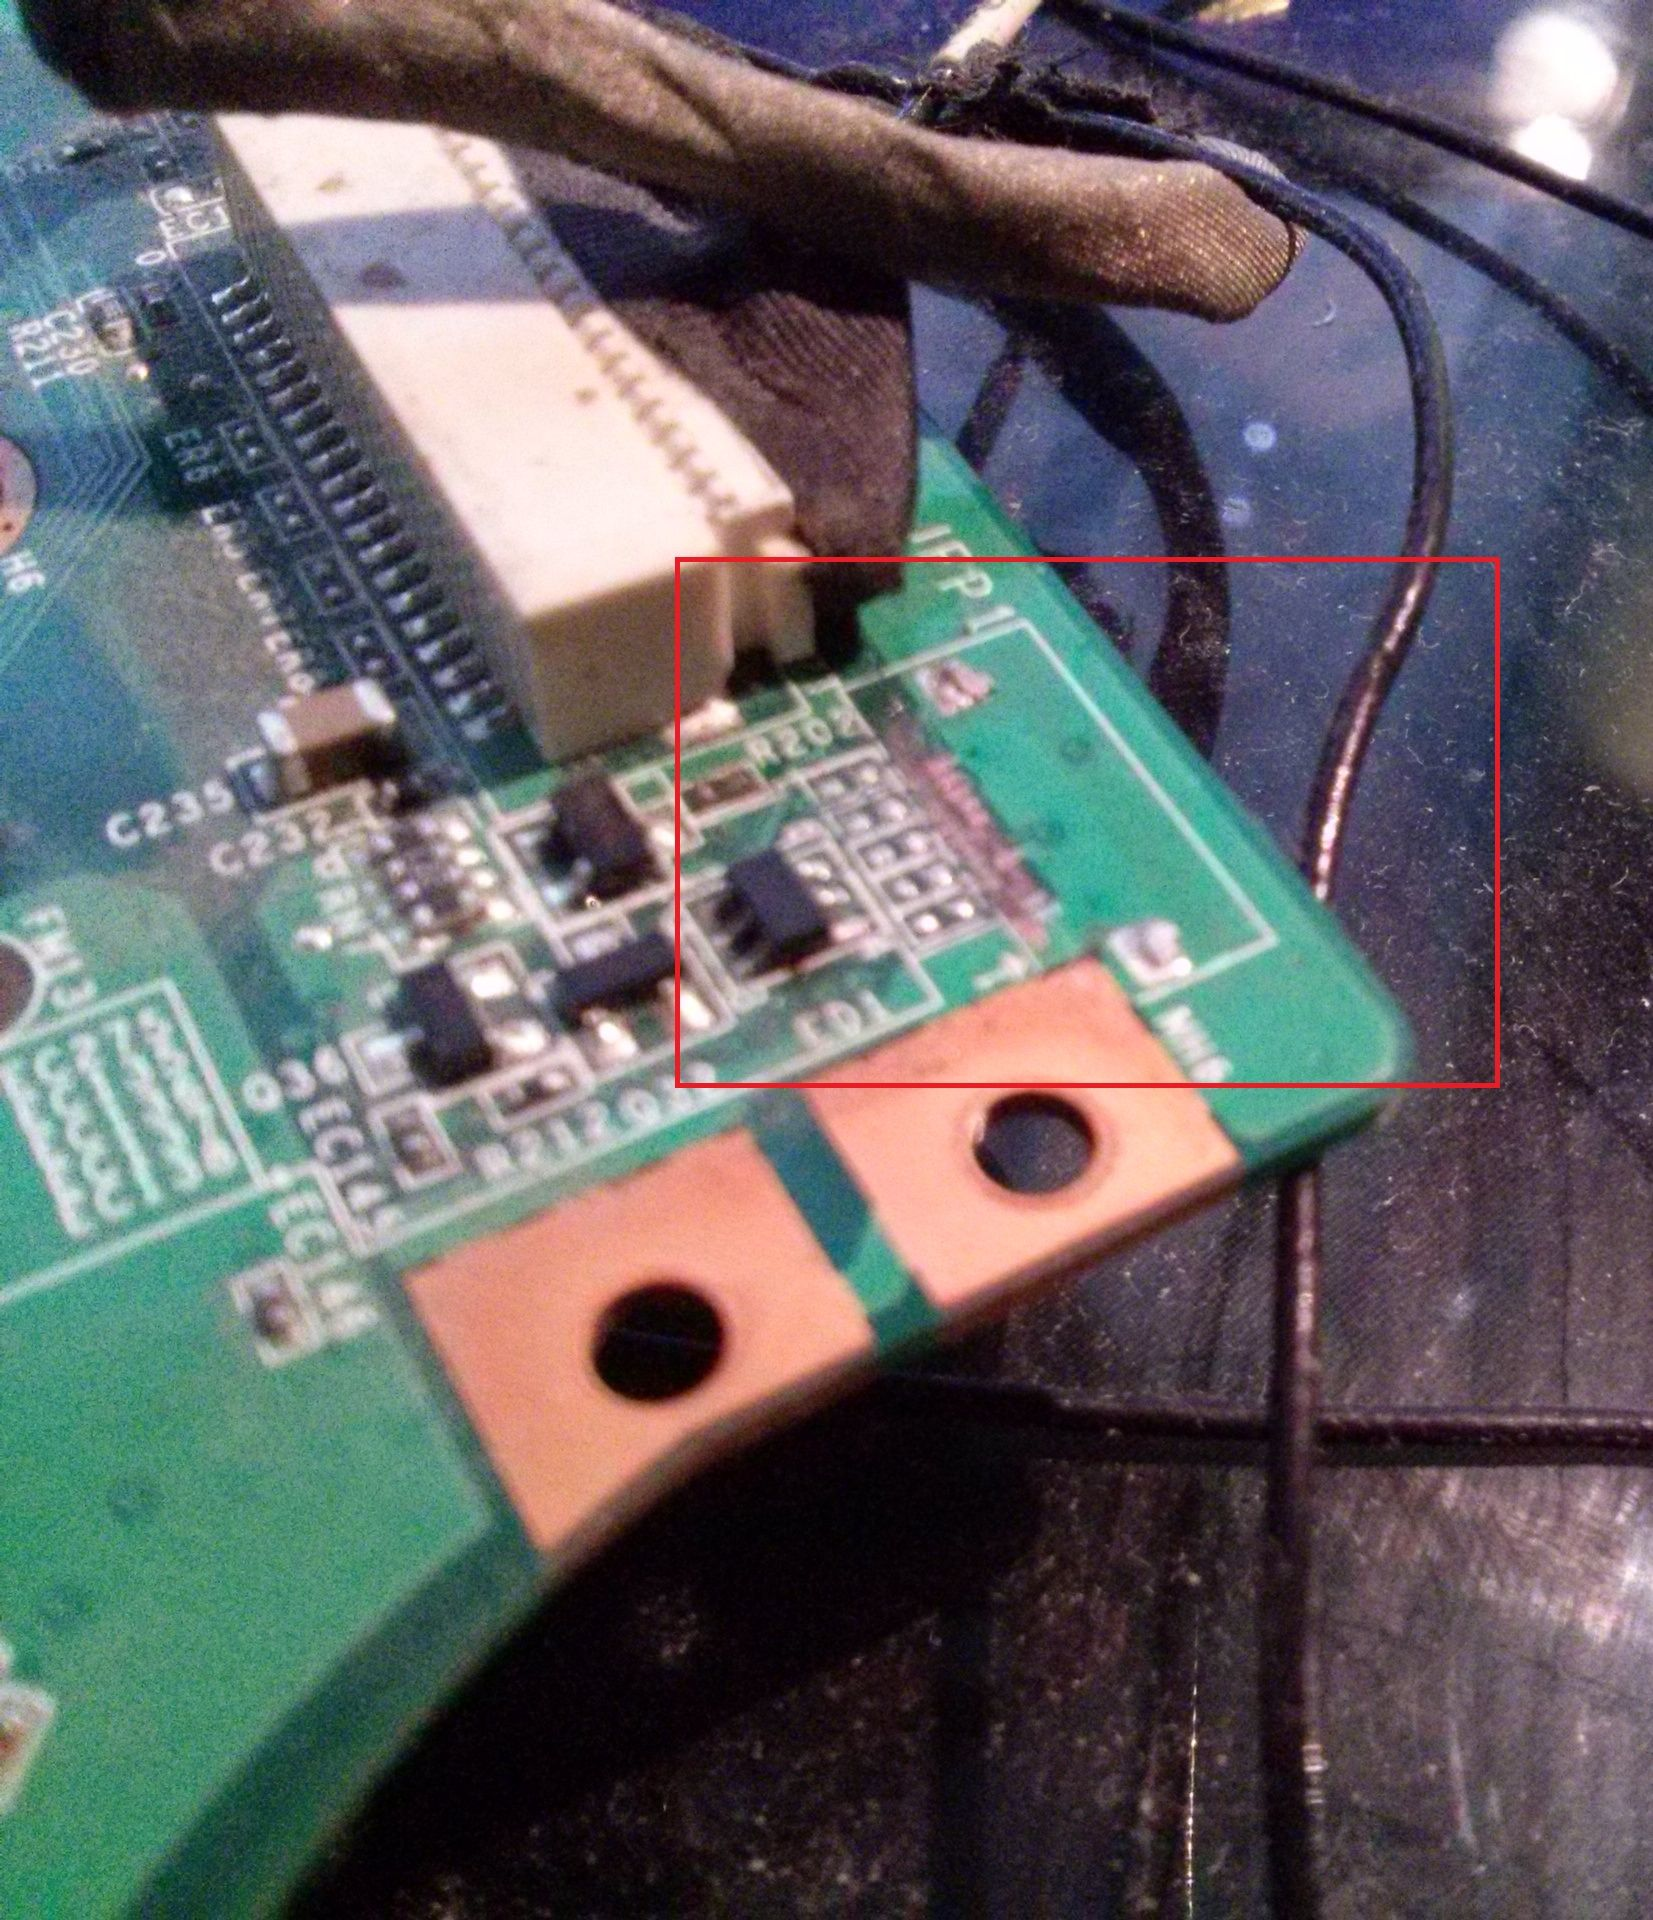 MSI VR610 - Wyrwane gniazdo od p�ytki w��cznik�w